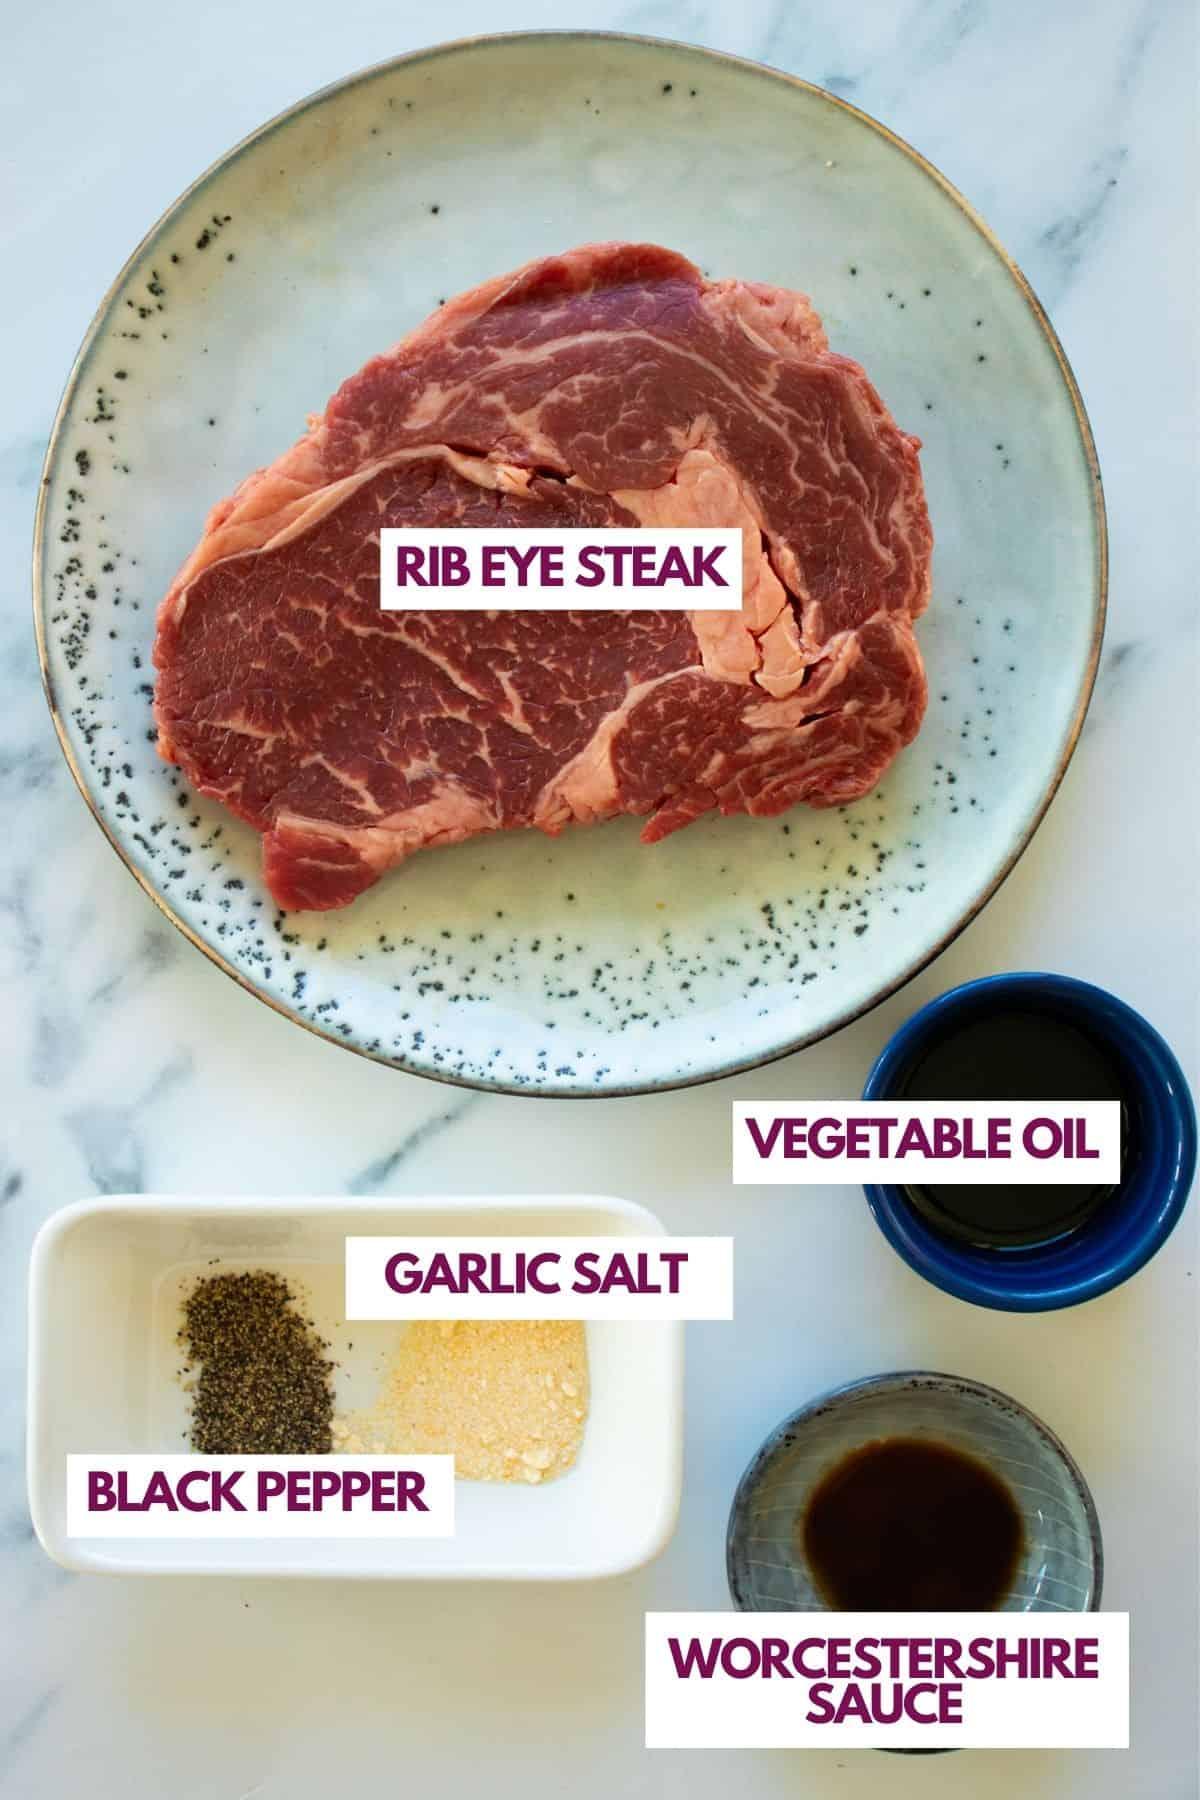 ingredients for air fryer rib eye steak